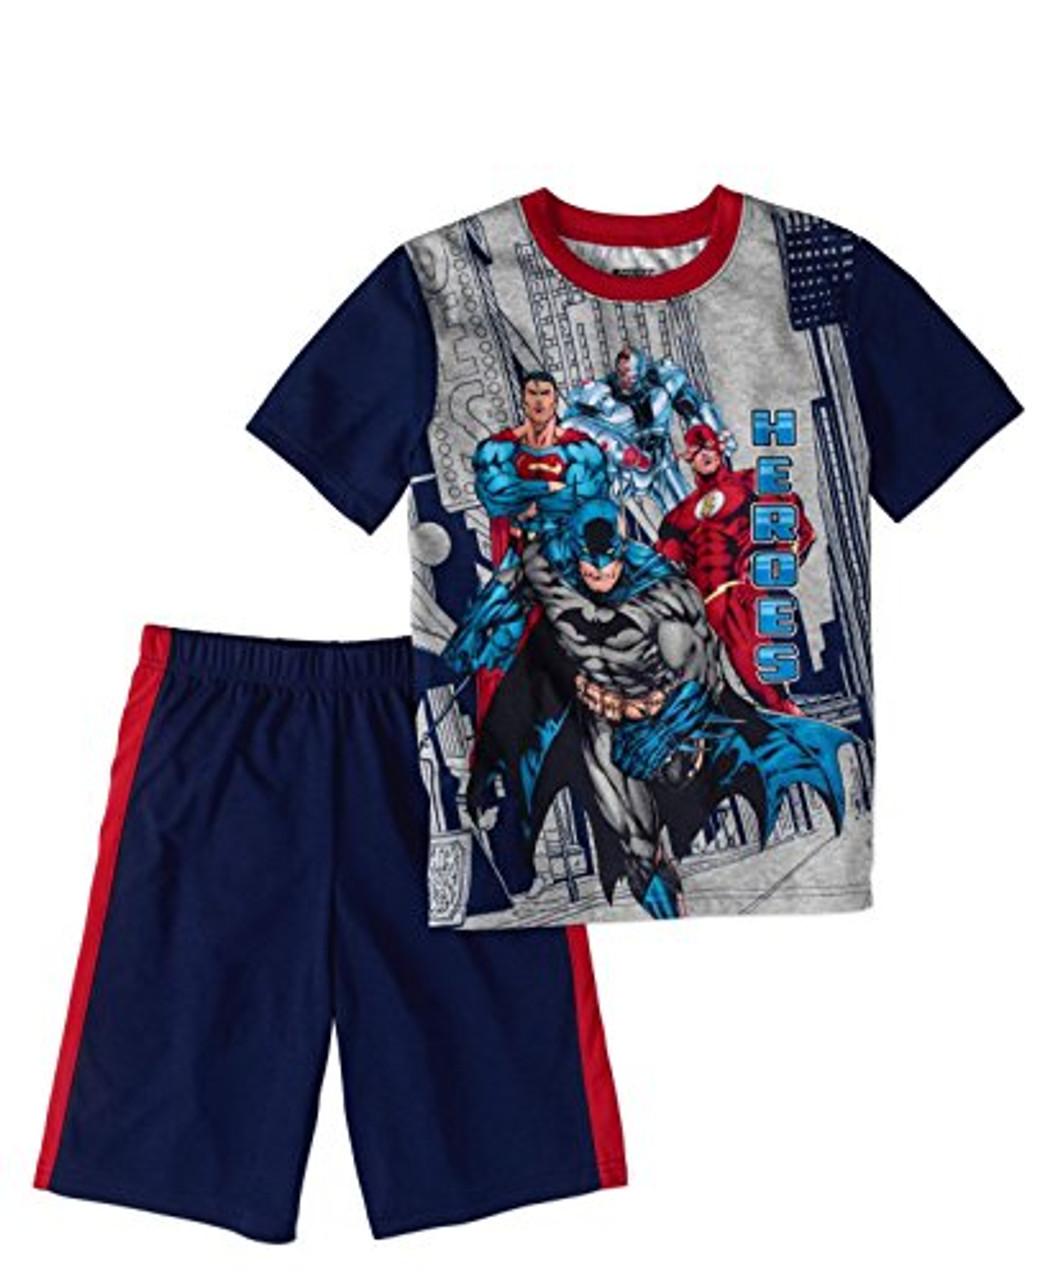 Justice League Boys 2-Piece Pajama Short Set Size 4//5 6//7 8 10//12